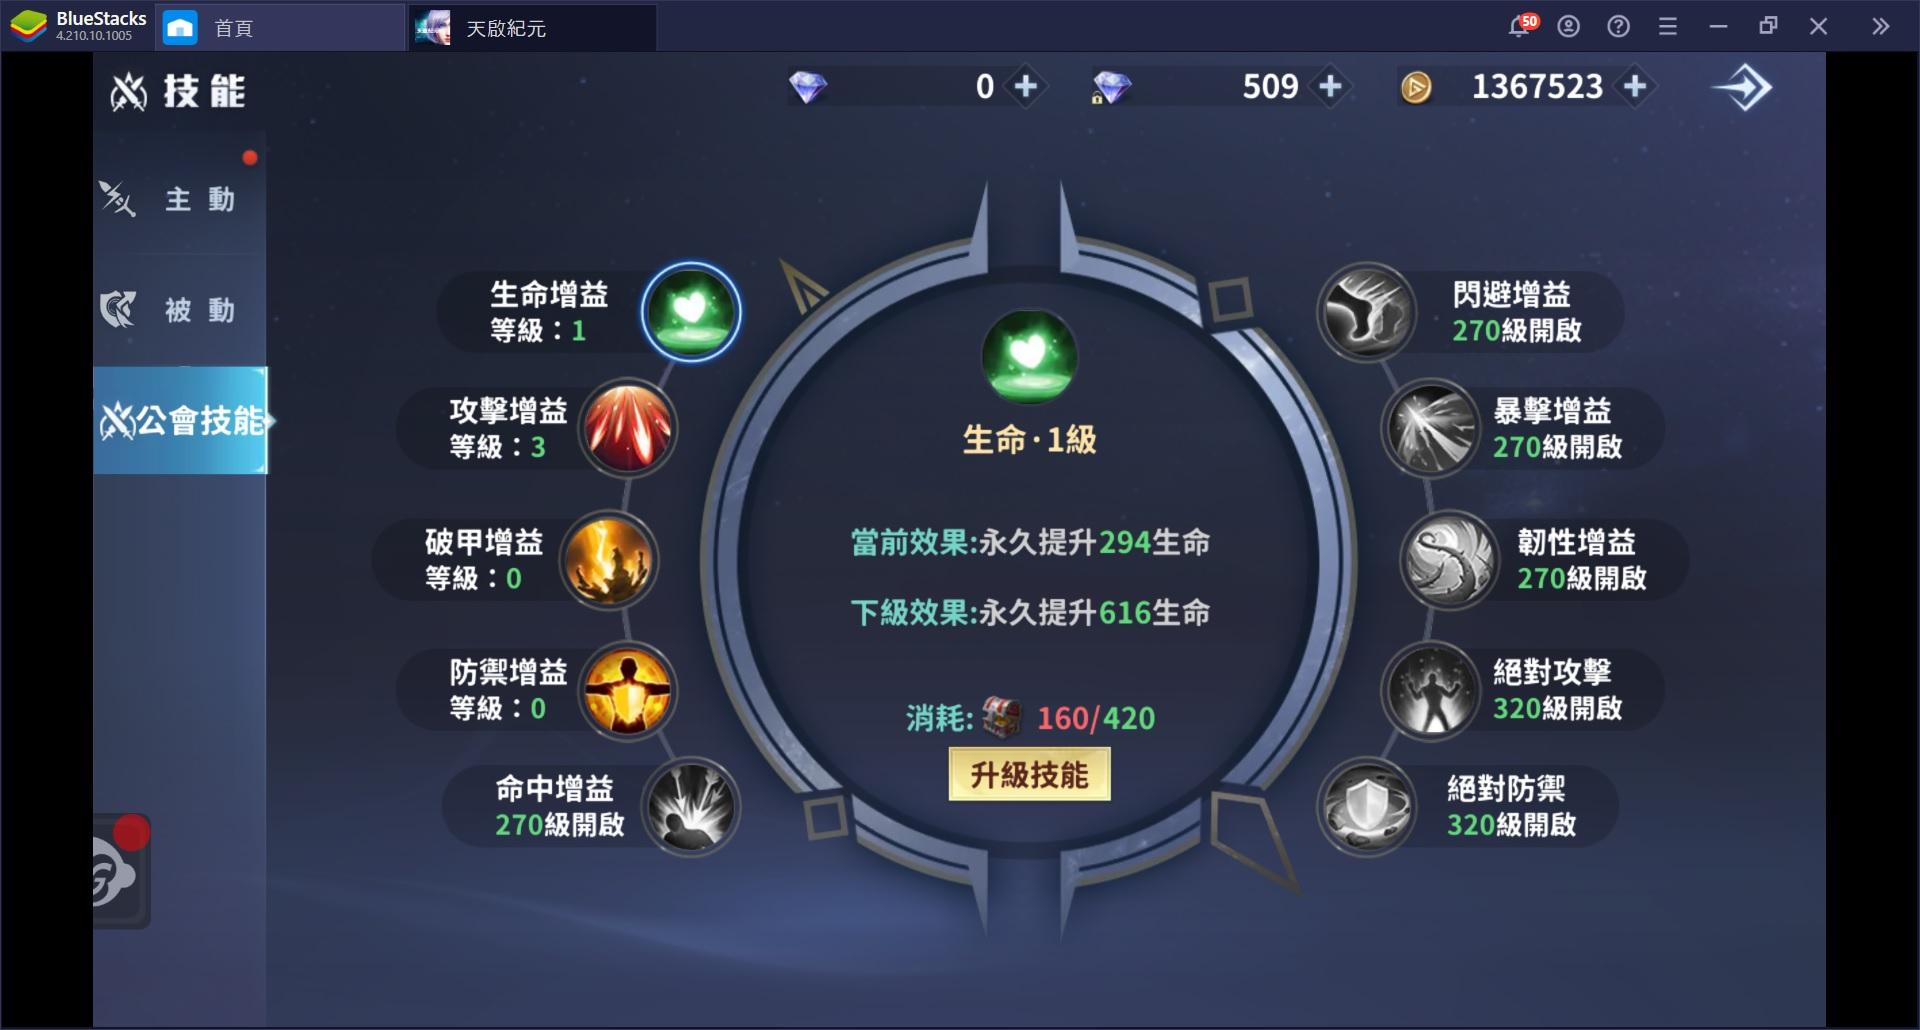 使用BlueStacks在PC上遊玩新世代末日幻想MMO 《天啟紀元:預言之子》